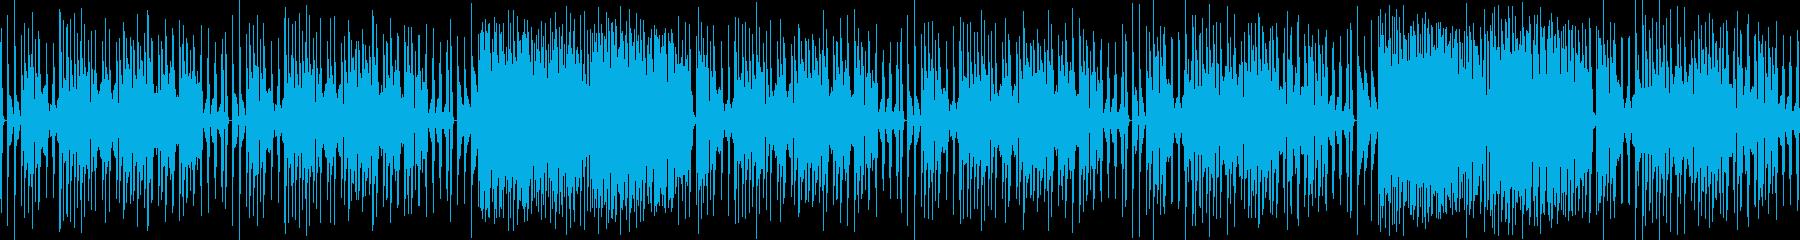 シャンソン風のループです の再生済みの波形